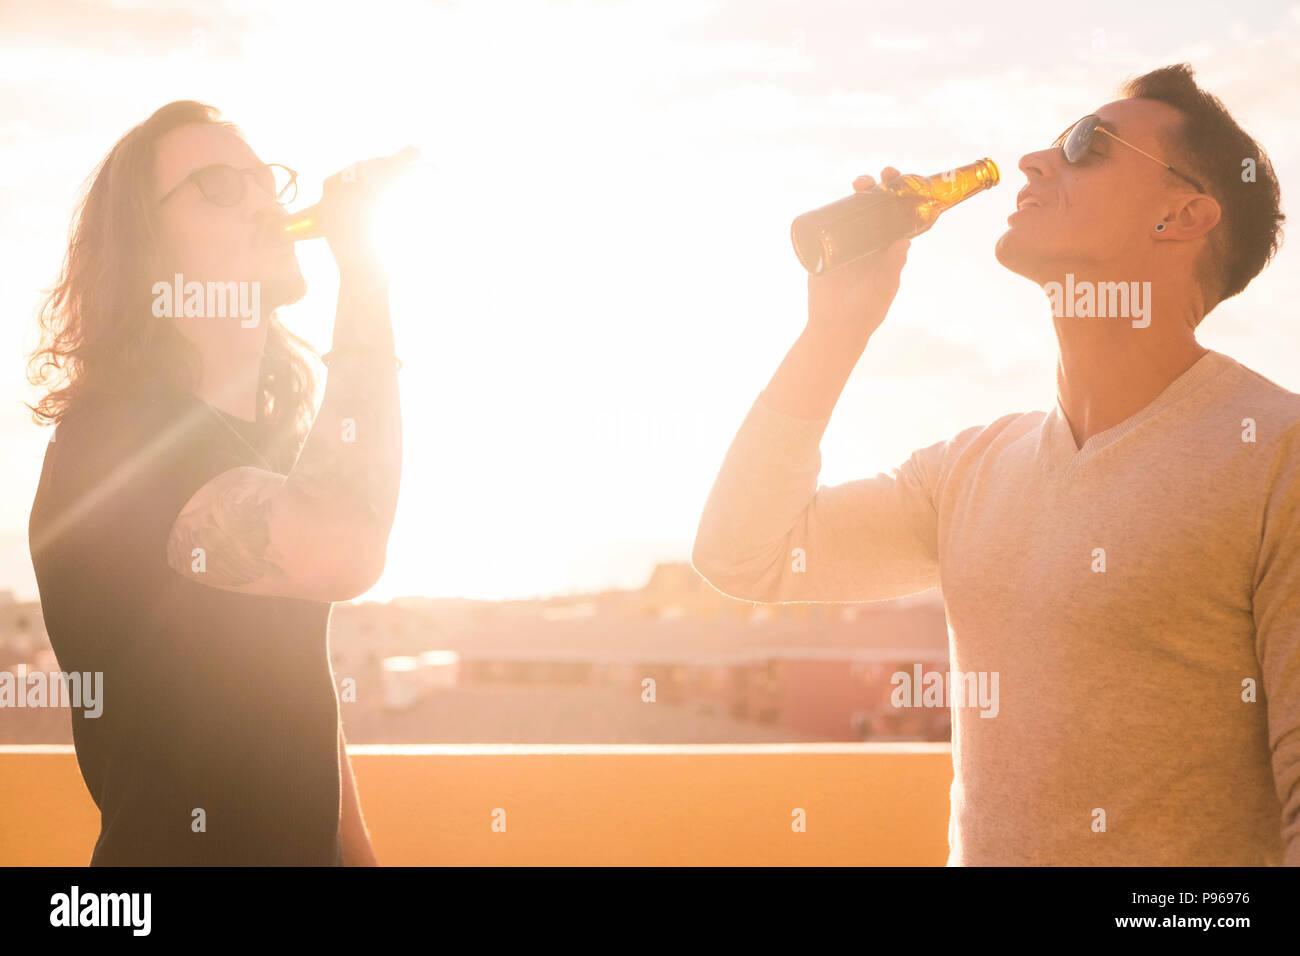 Couple de jeunes hommes de boire une bière ensemble sous le coucher du soleil. image lumineuse pour les hommes beaux modèles dans le bonheur et l'activité de loisirs de plein air Photo Stock